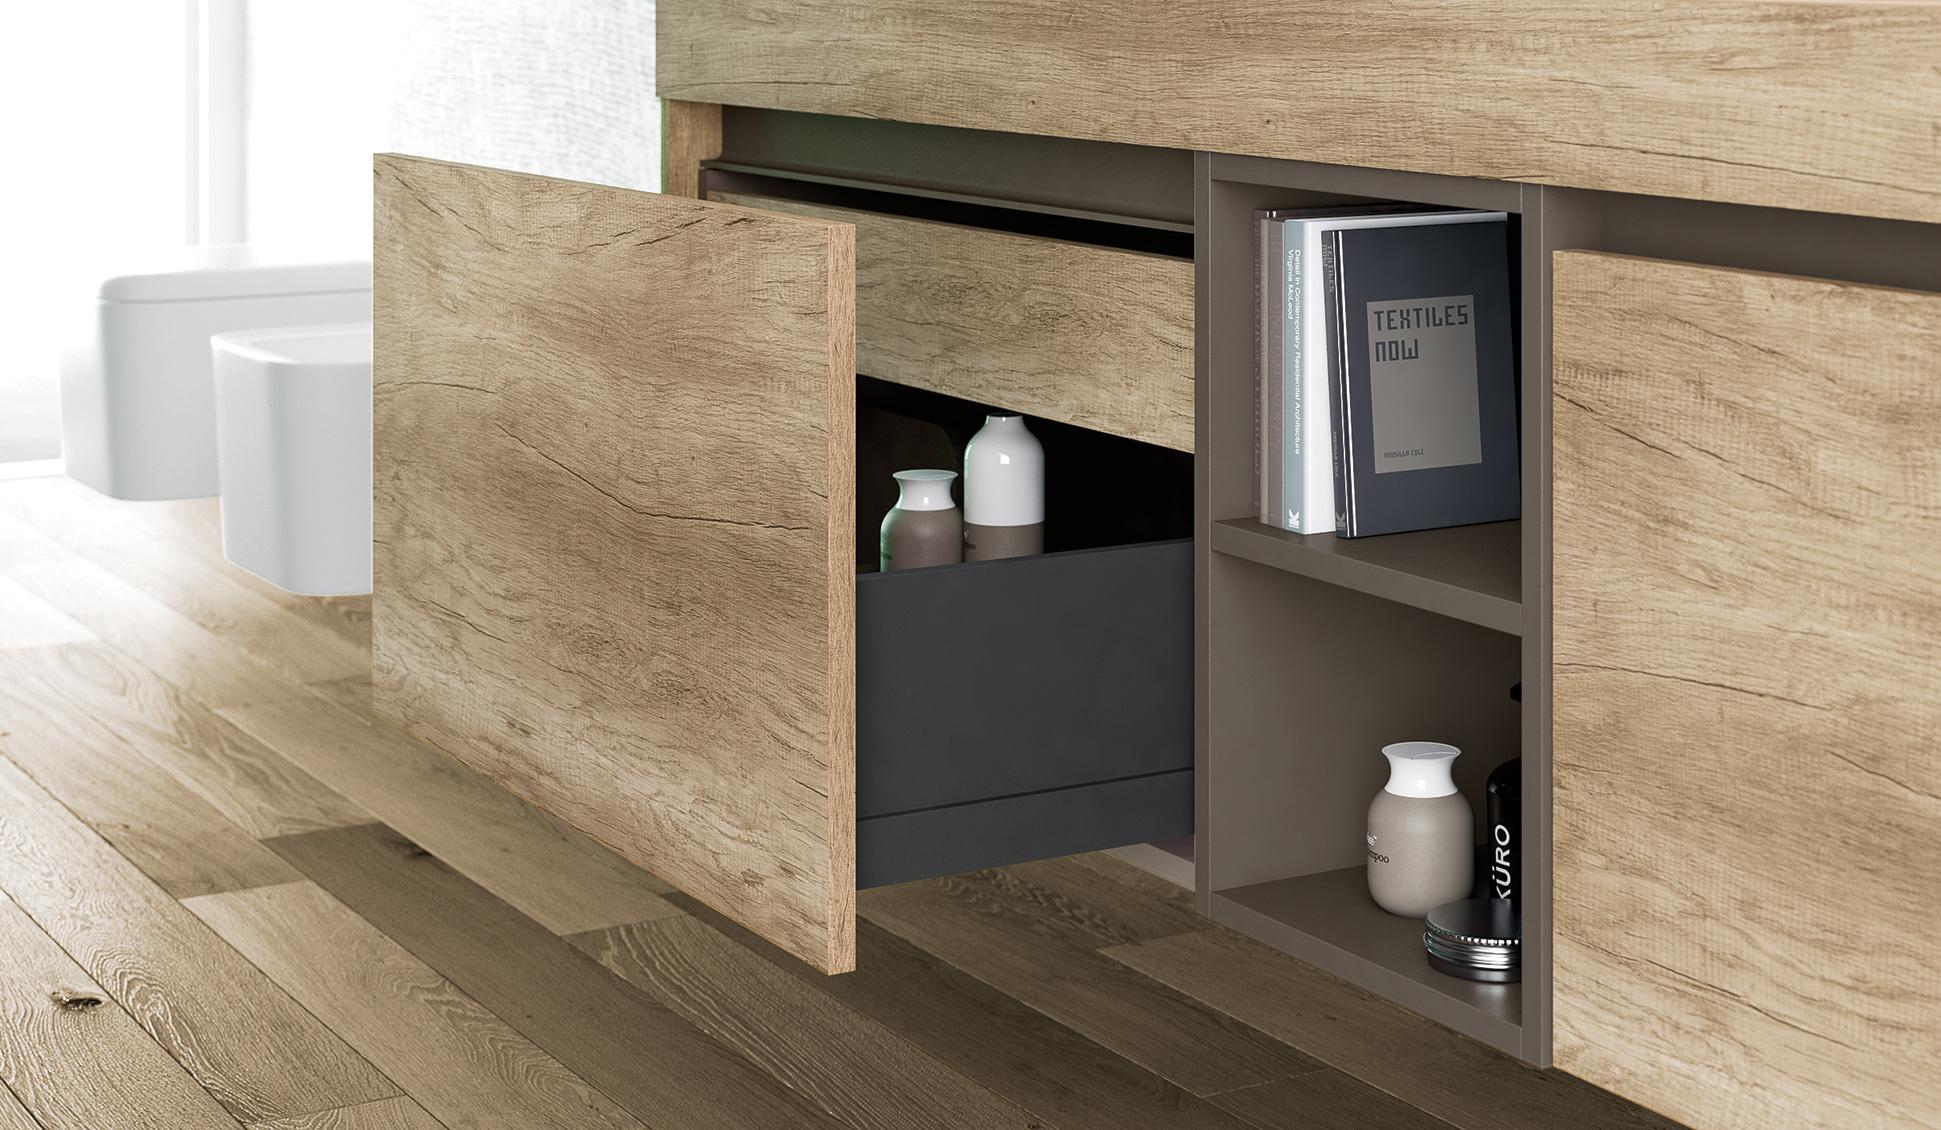 Bathroom furniture,bathroom cabinets - Kami 10.6 1